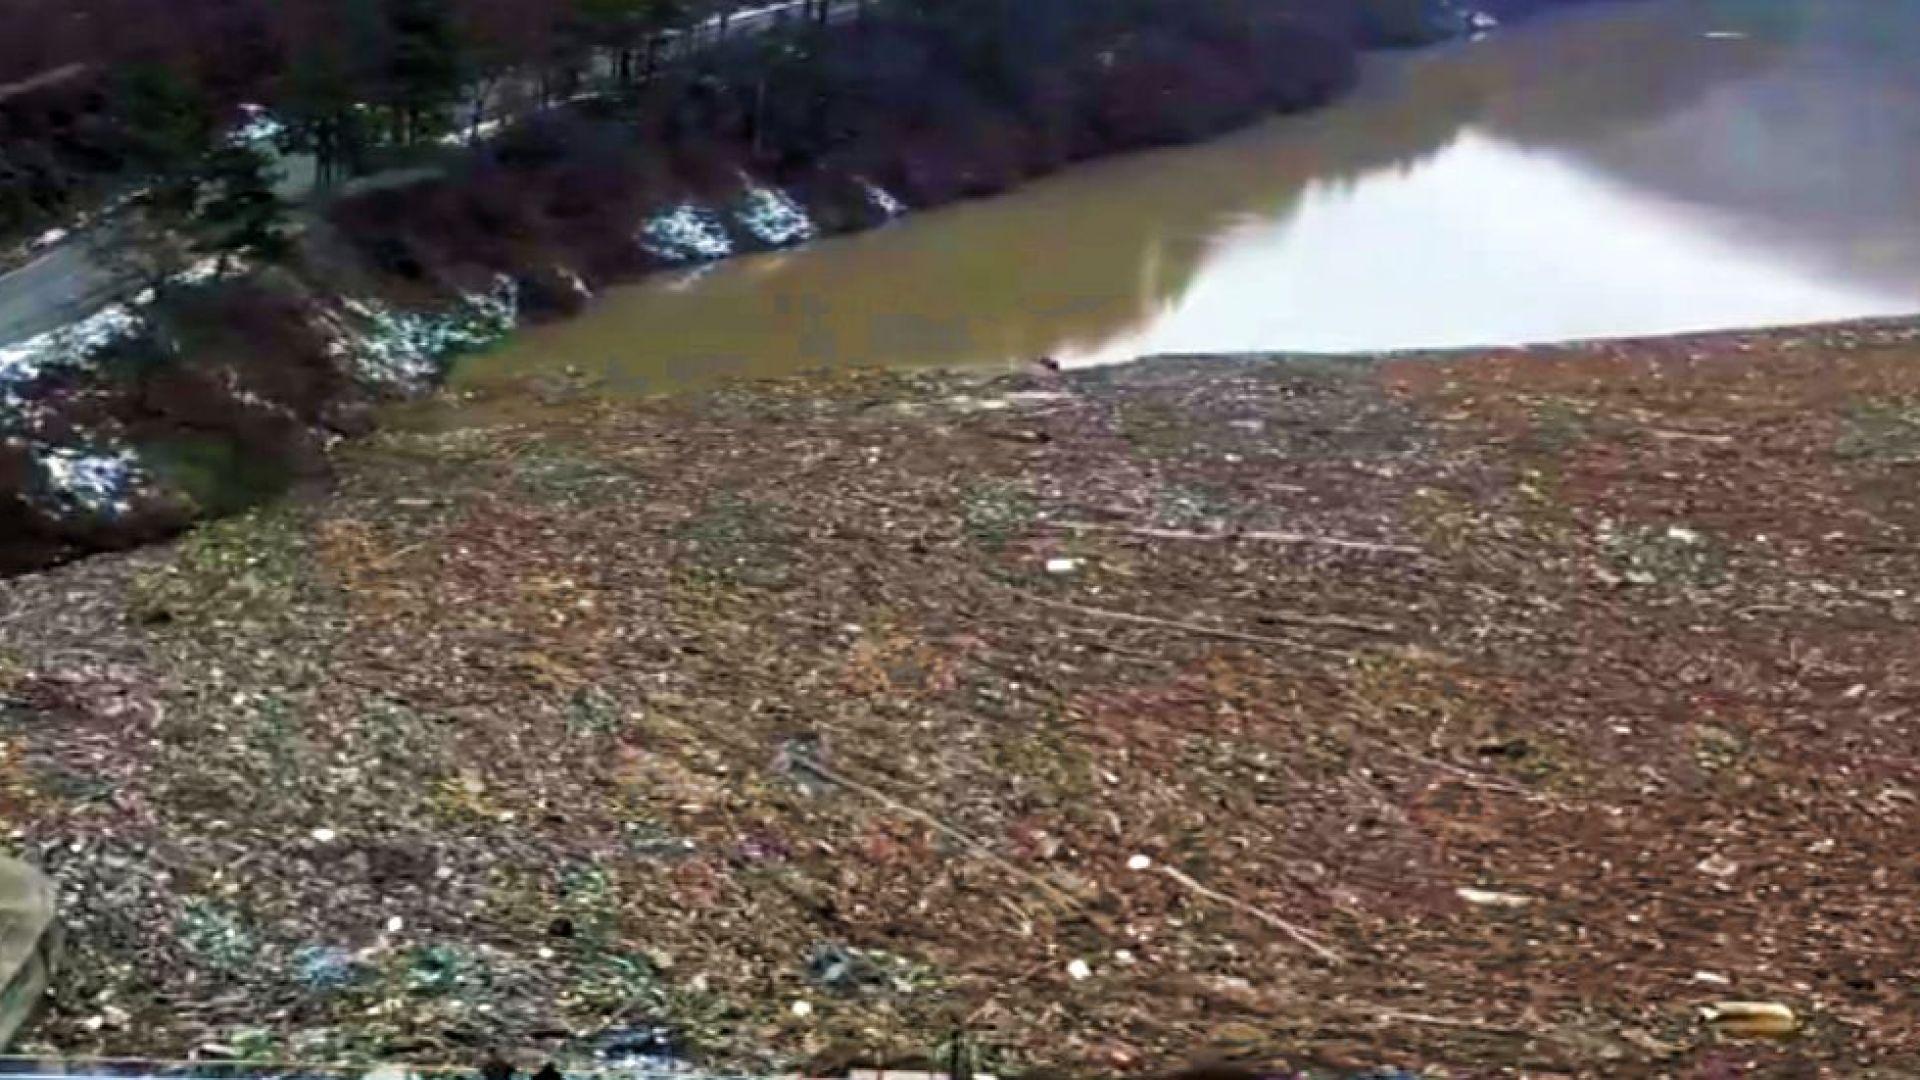 След наводненията: Огромни плаващи сметища задръстиха реки (снимки)